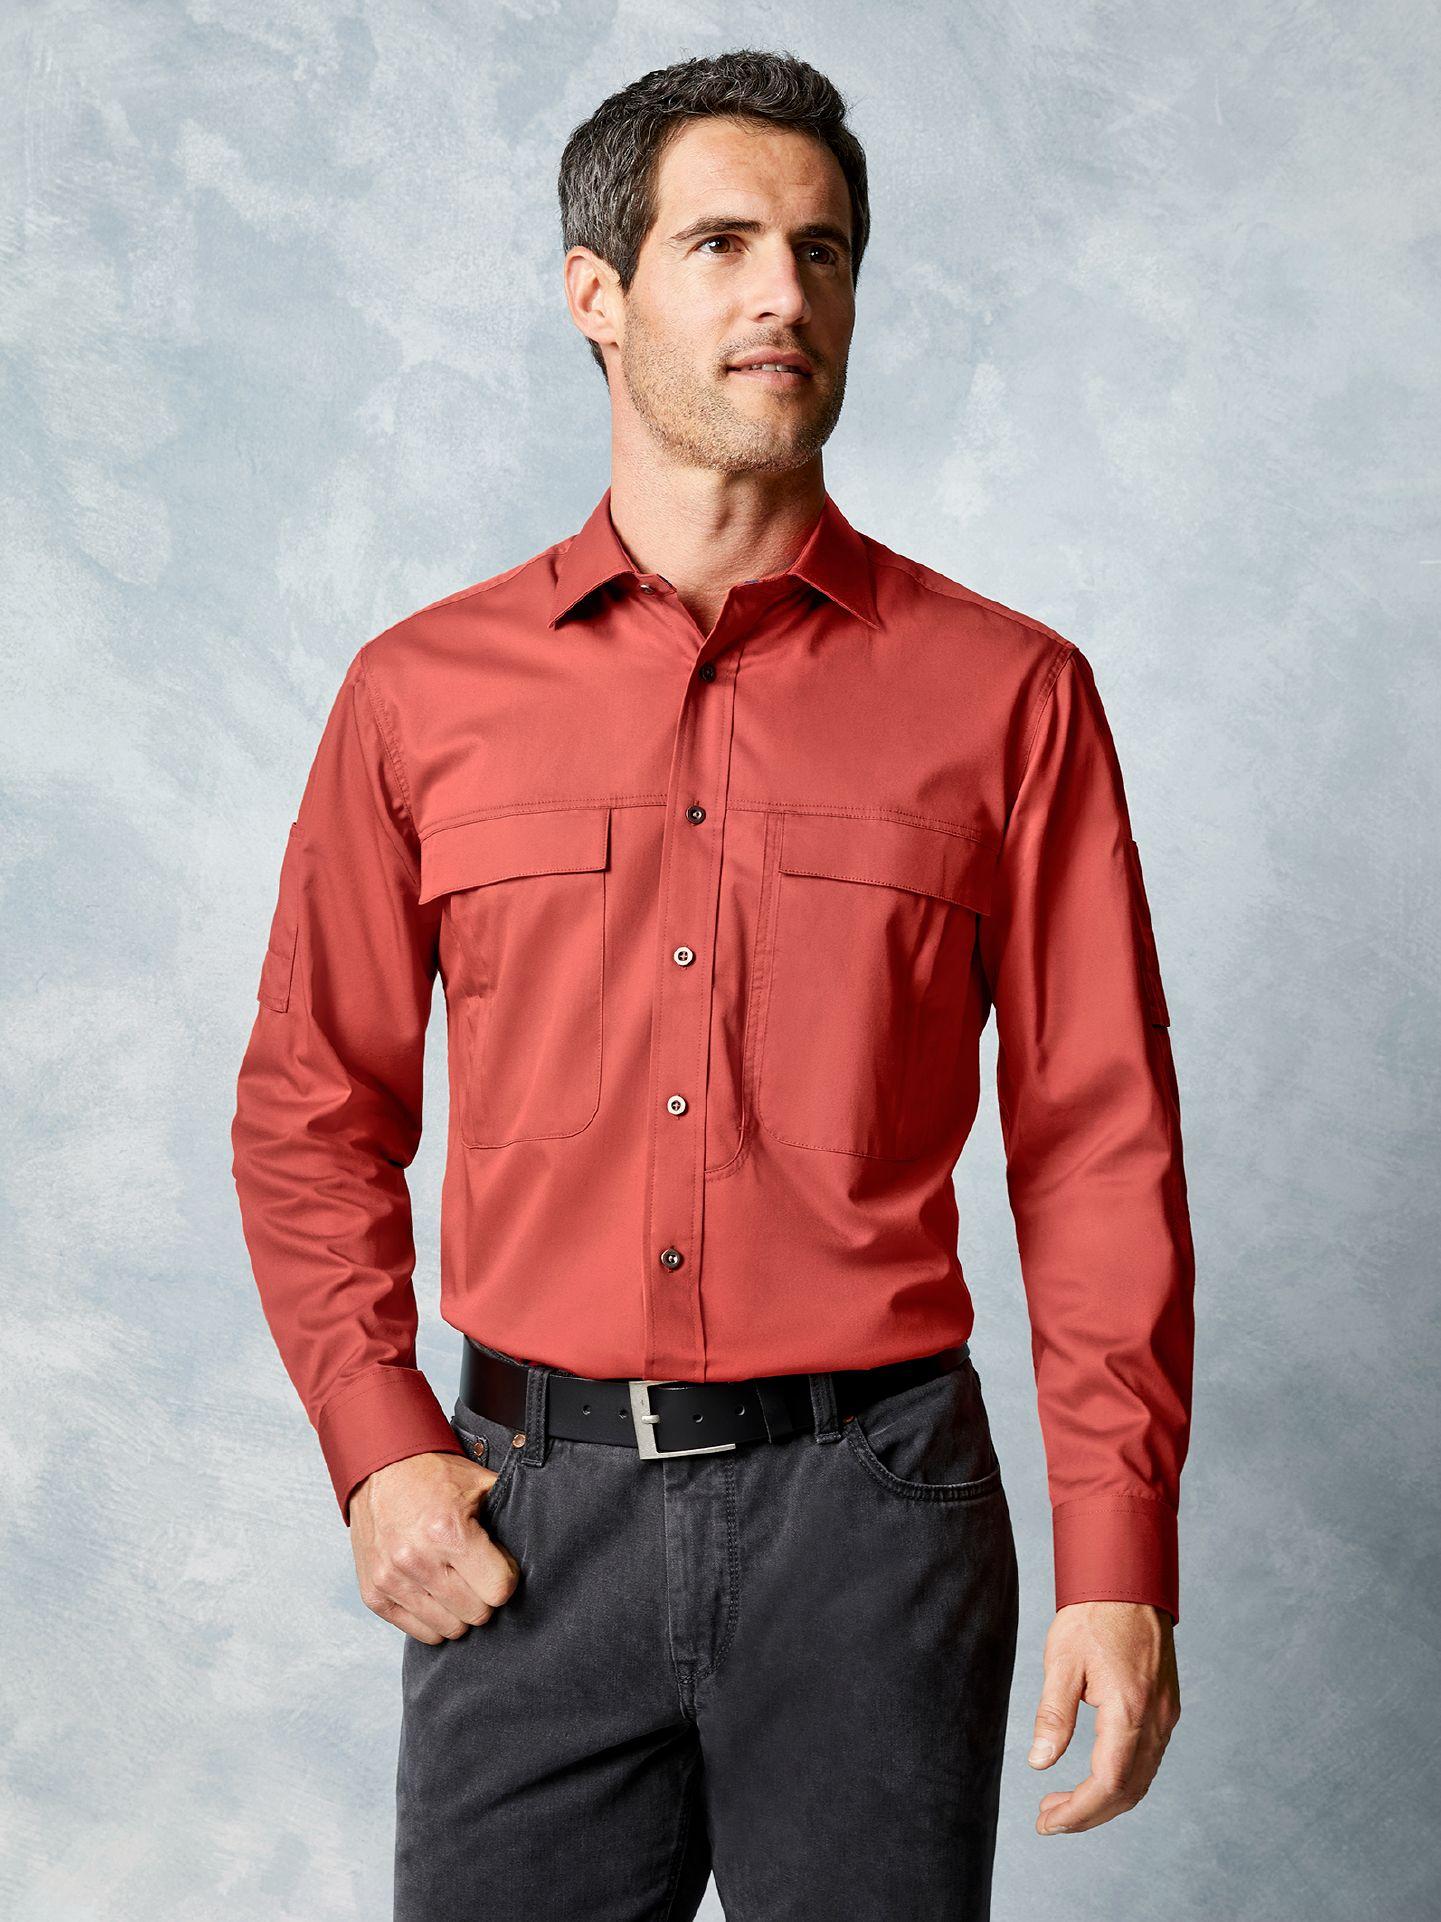 Klepper Herren Touringhemd Cotton Braun Größe 4...